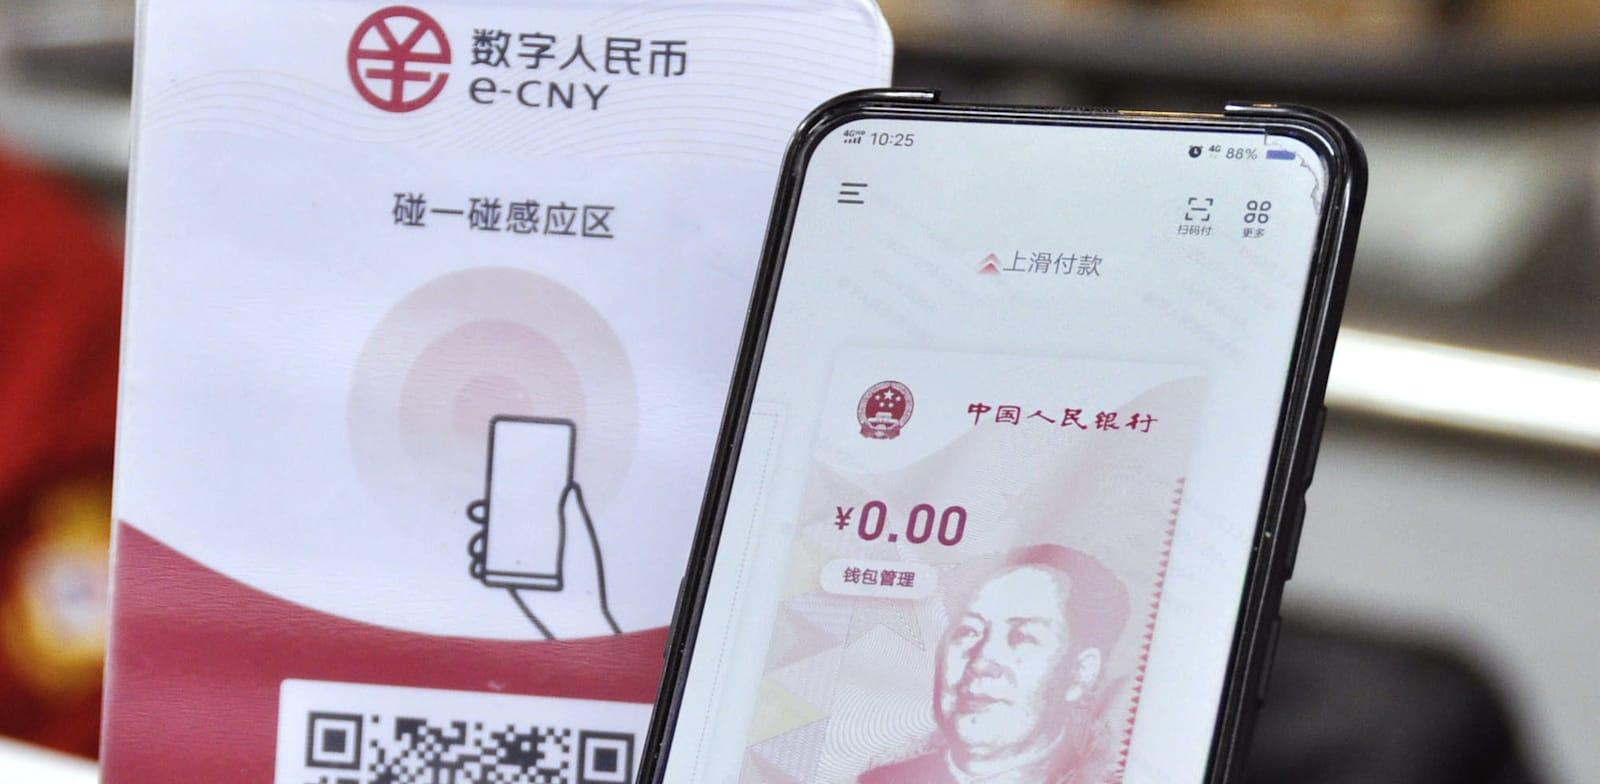 תשלום ביואן דיגטלי בפיילוט של ממשלת סין / צילום: Reuters, Kyodo